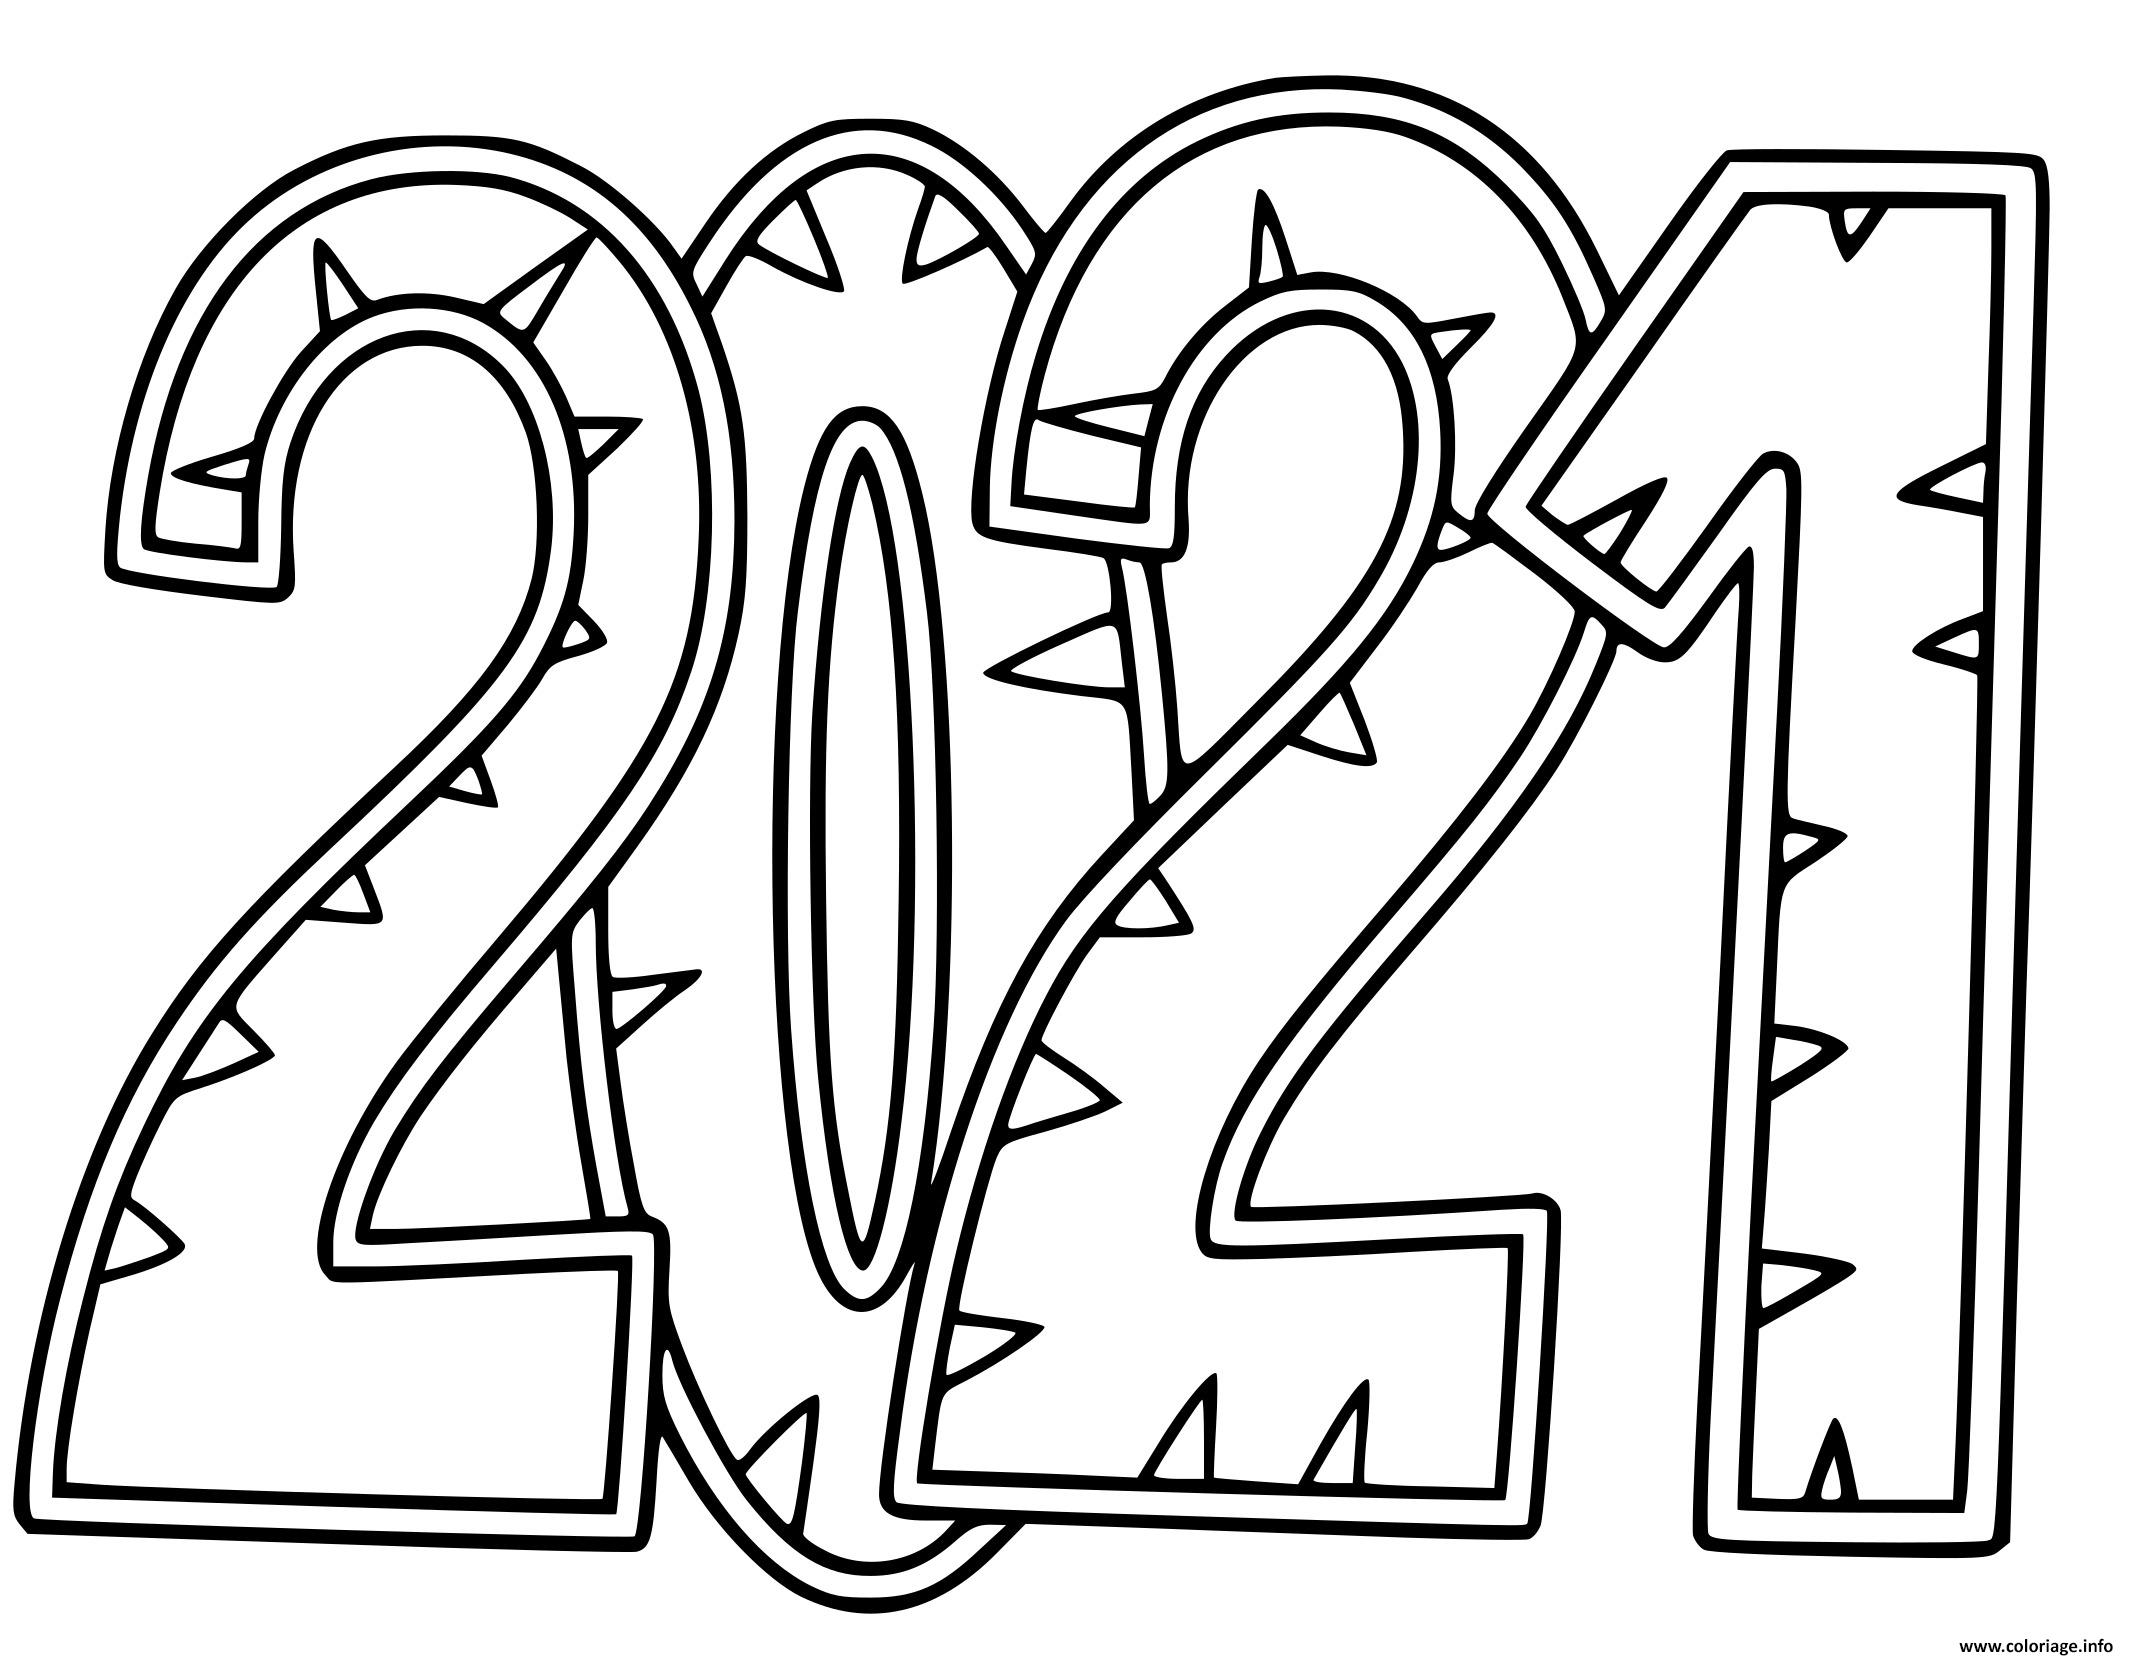 Dessin bonne annee 2021 Coloriage Gratuit à Imprimer